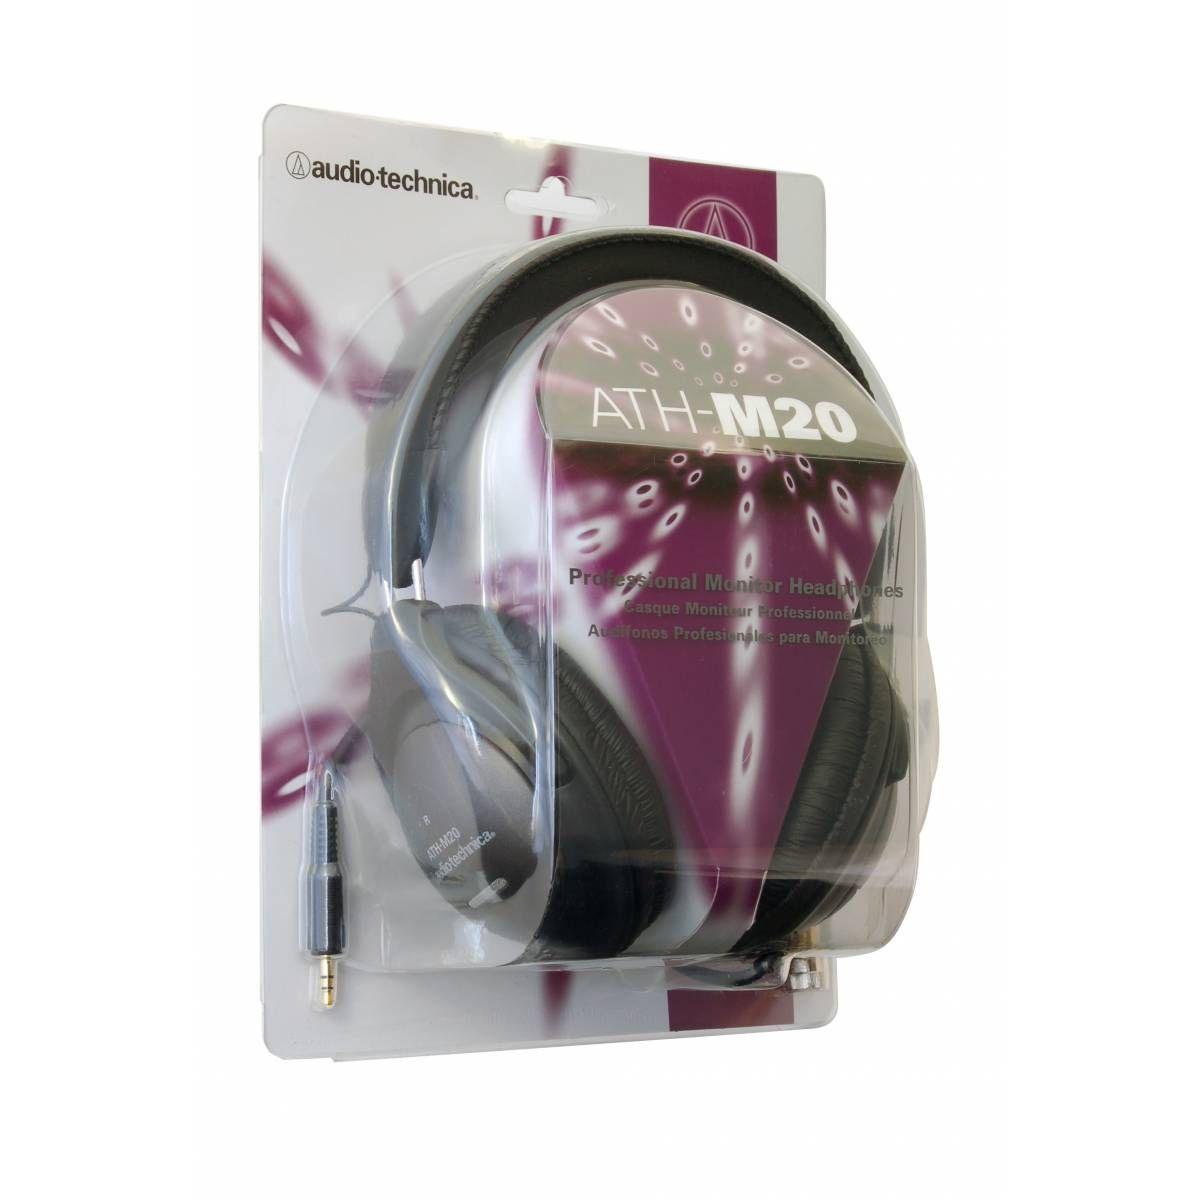 Слушалки Audio-Technica ATH-M20 - 5